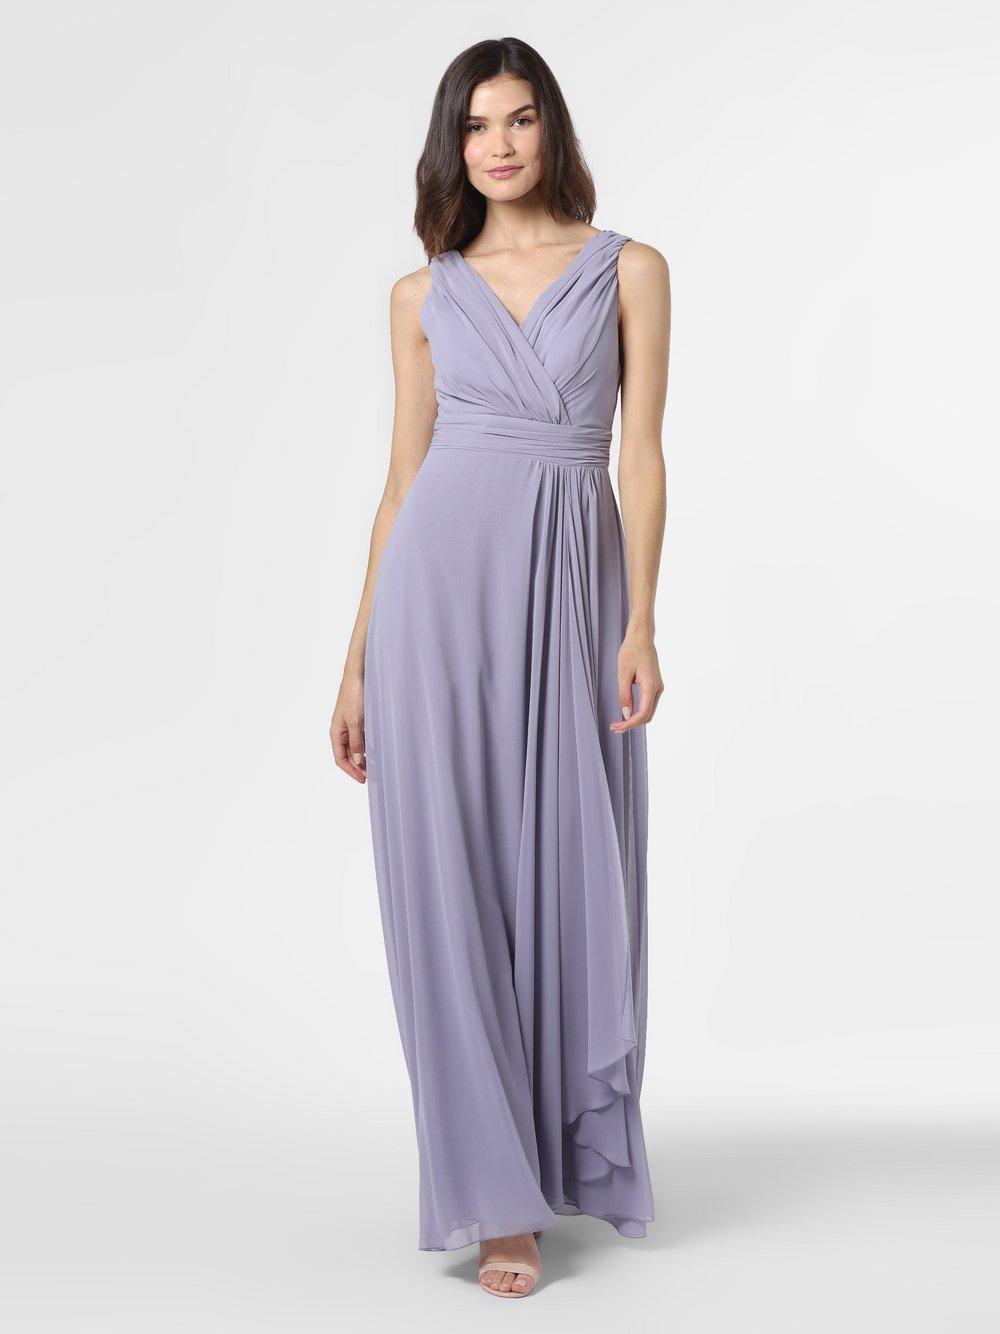 Marie Lund - Damska sukienka wieczorowa, lila